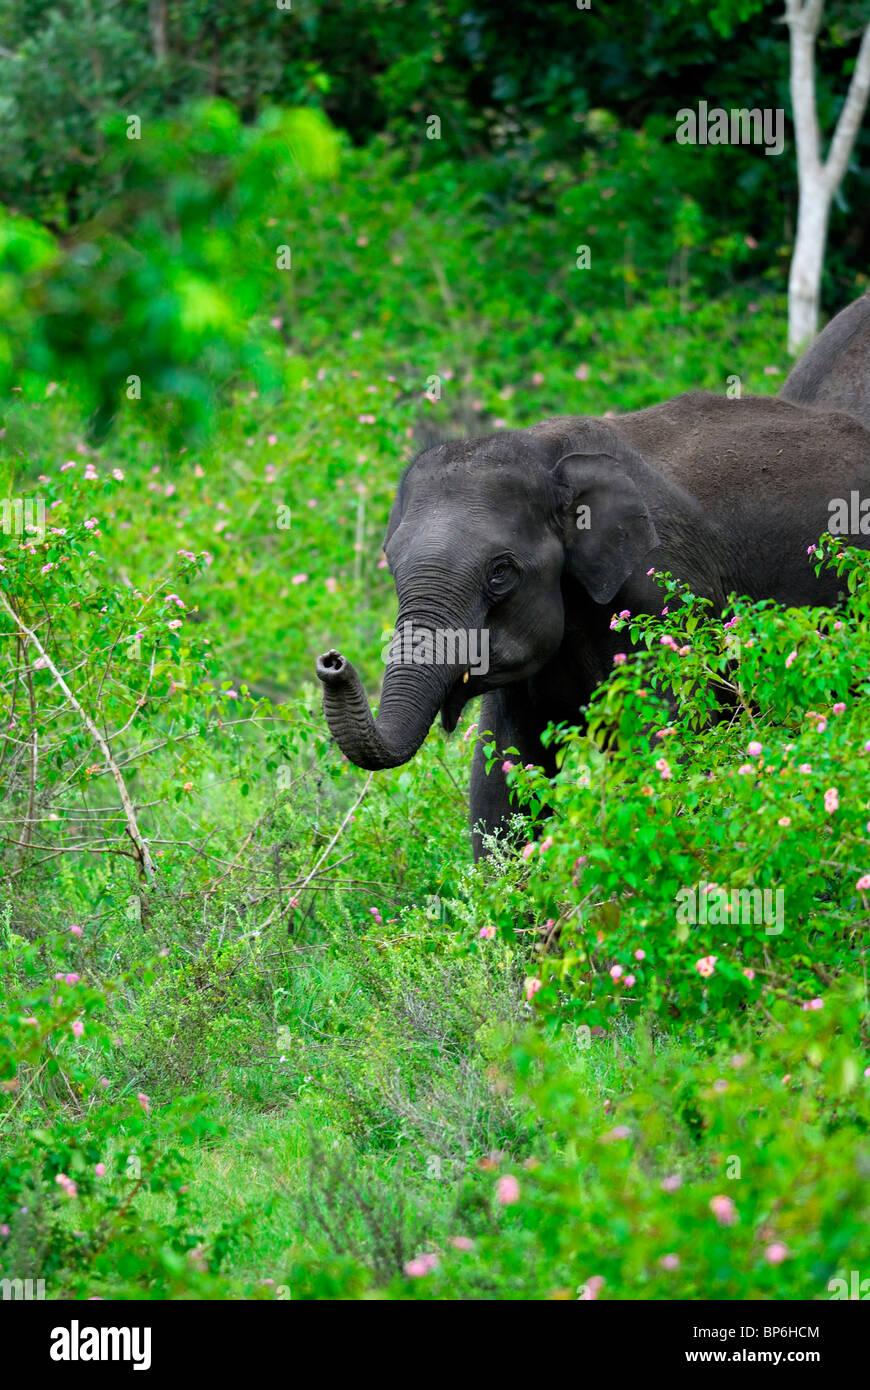 L'éléphant indien d'Asie (Elephas maximus) barrissements. Bandipur National Park, Inde. Banque D'Images